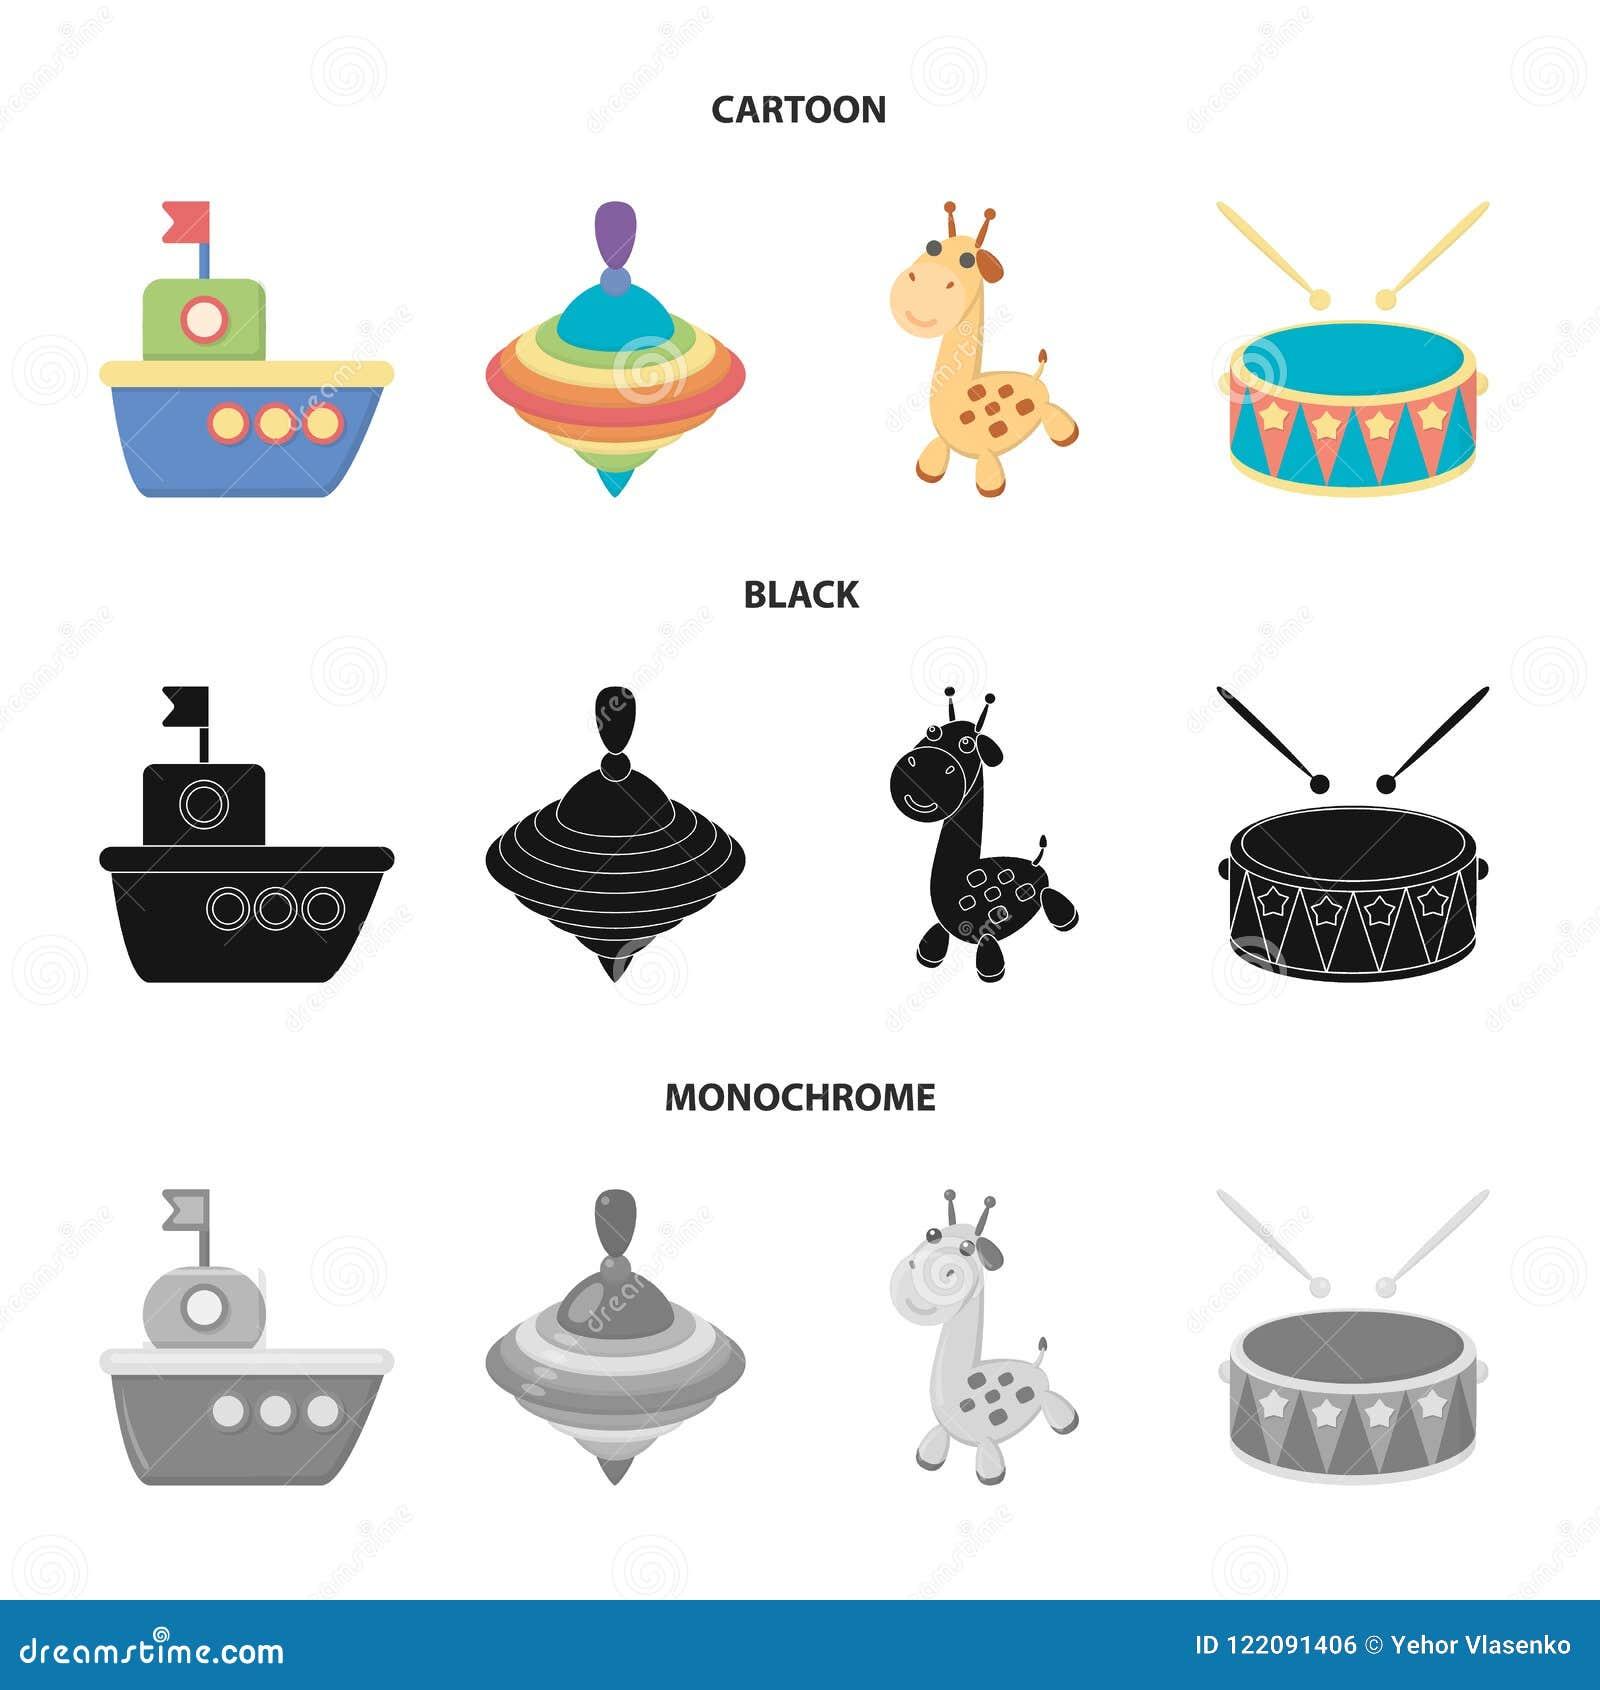 Navio, yule, girafa, cilindro Os brinquedos ajustaram ícones da coleção nos desenhos animados, preto, ilustração monocromática do